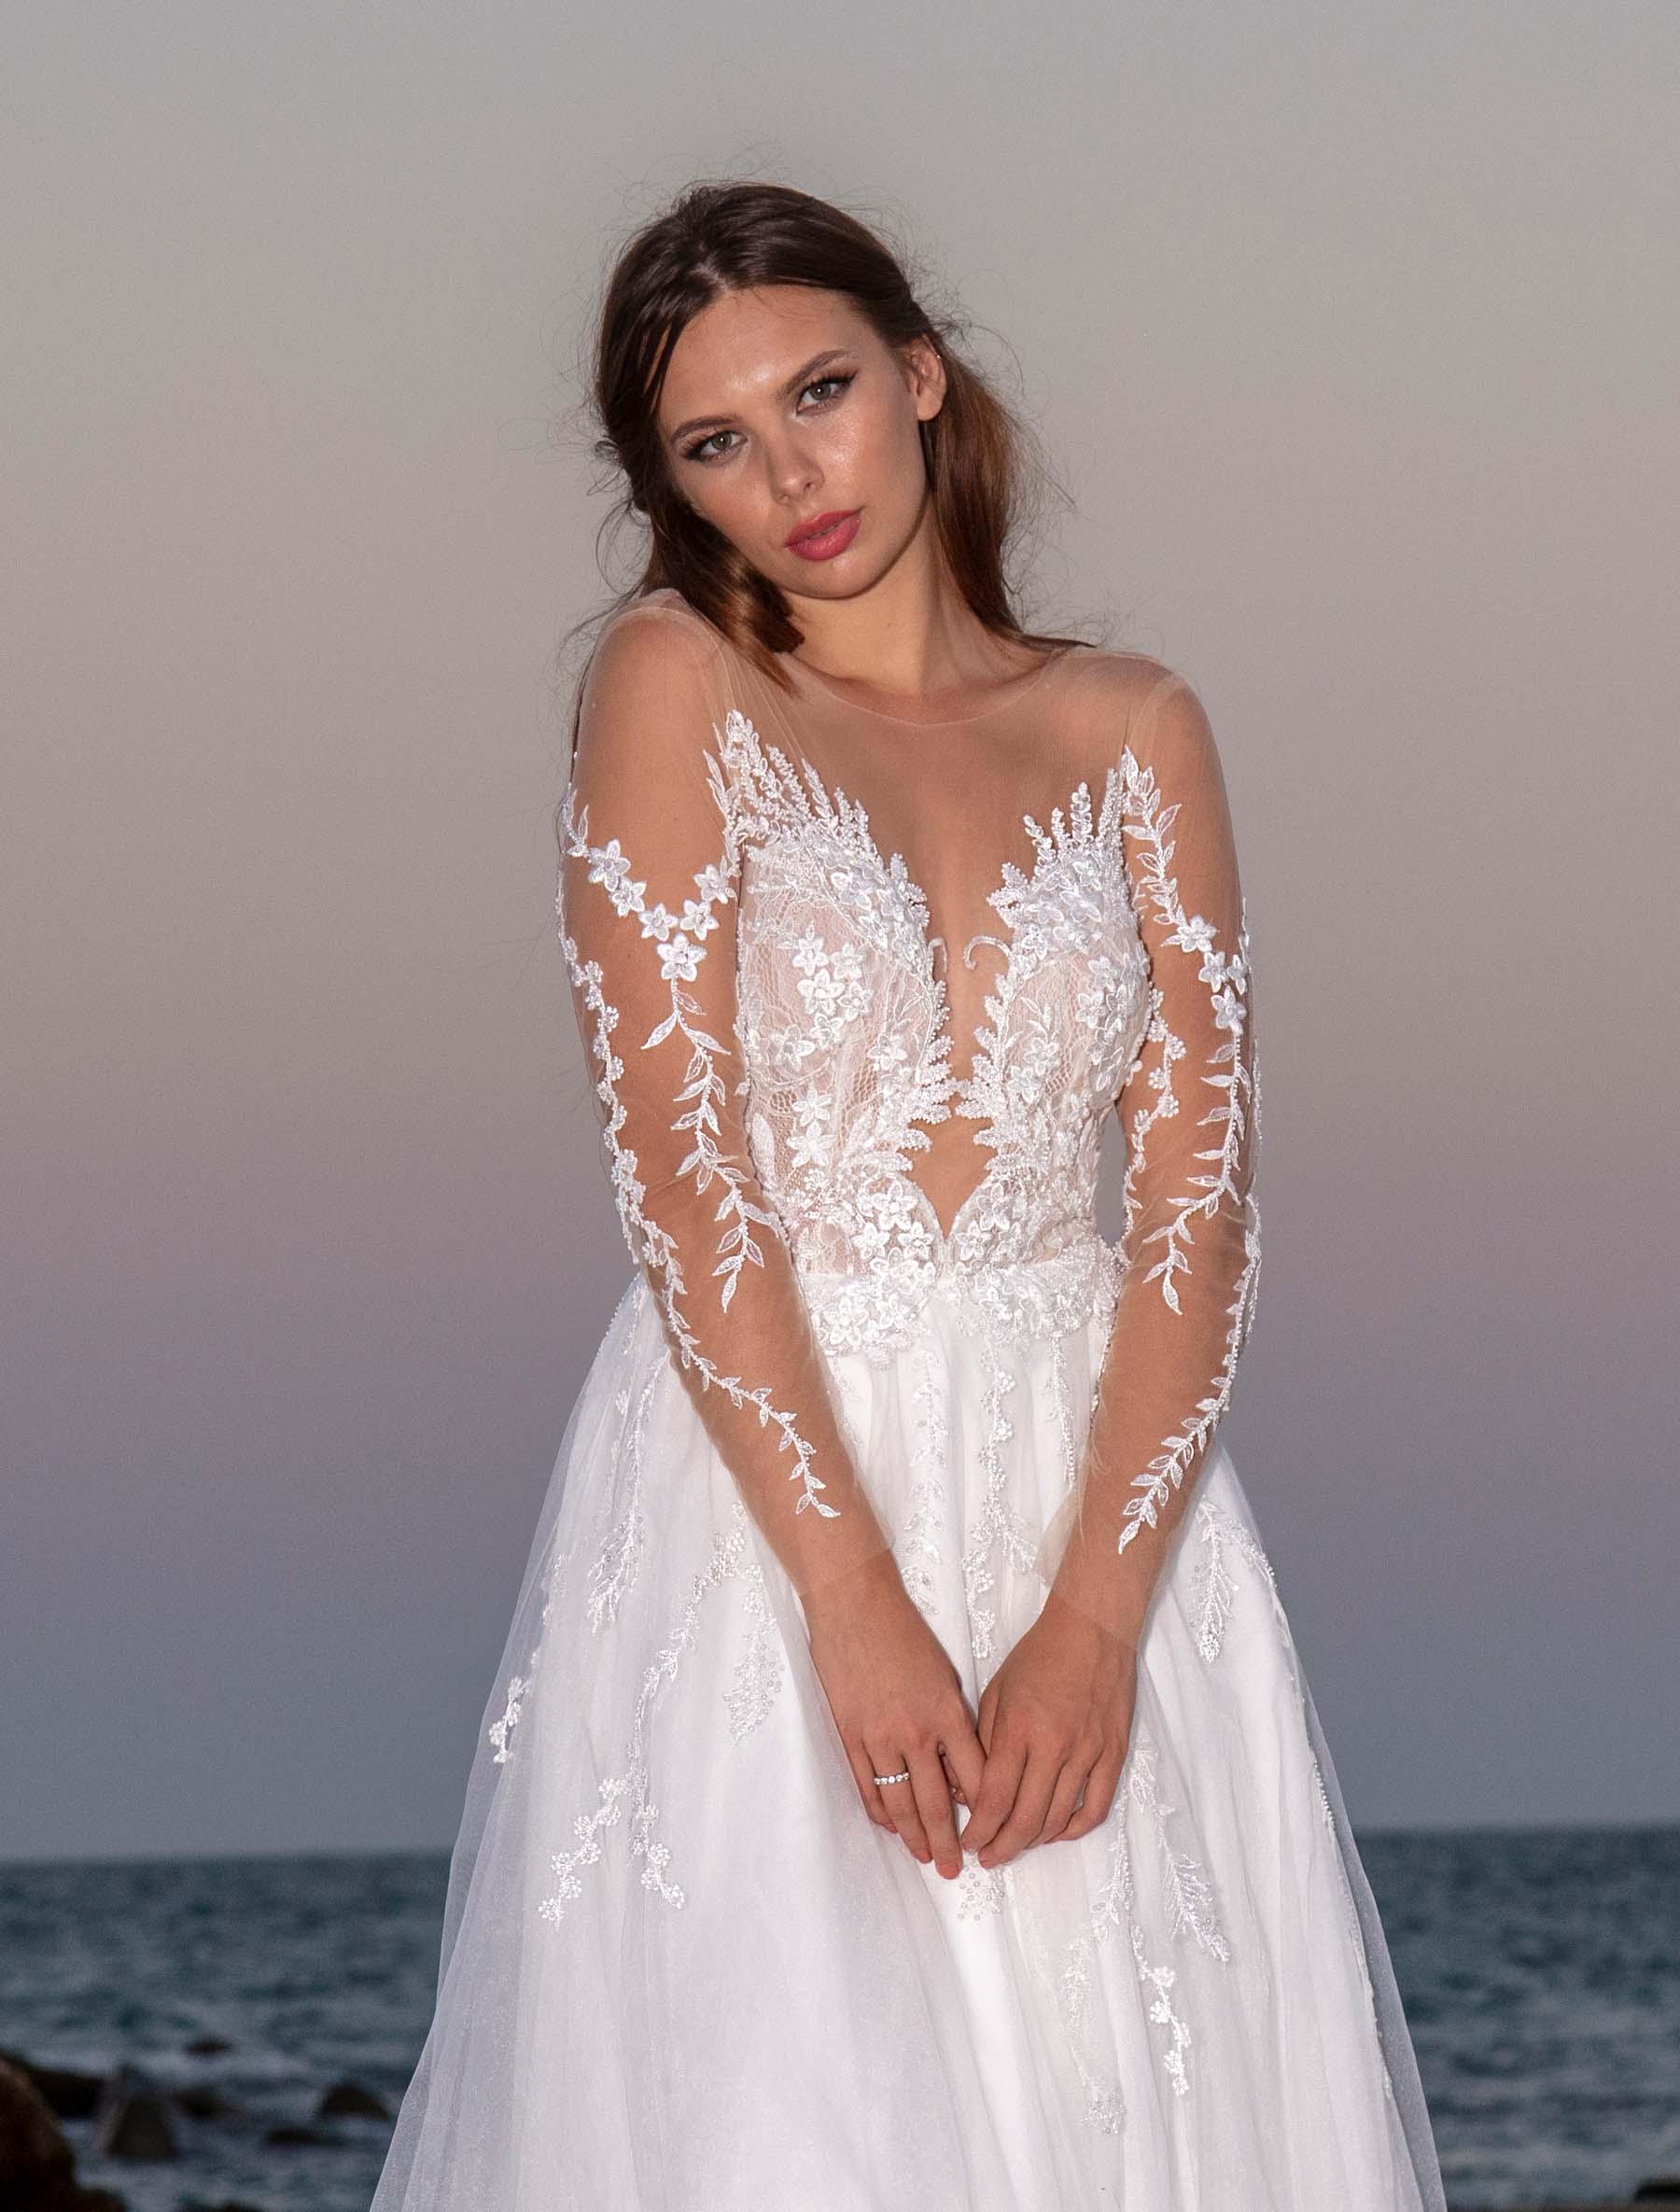 Rochie de Mireasa - Model Fayline - Adora Sposa (12)